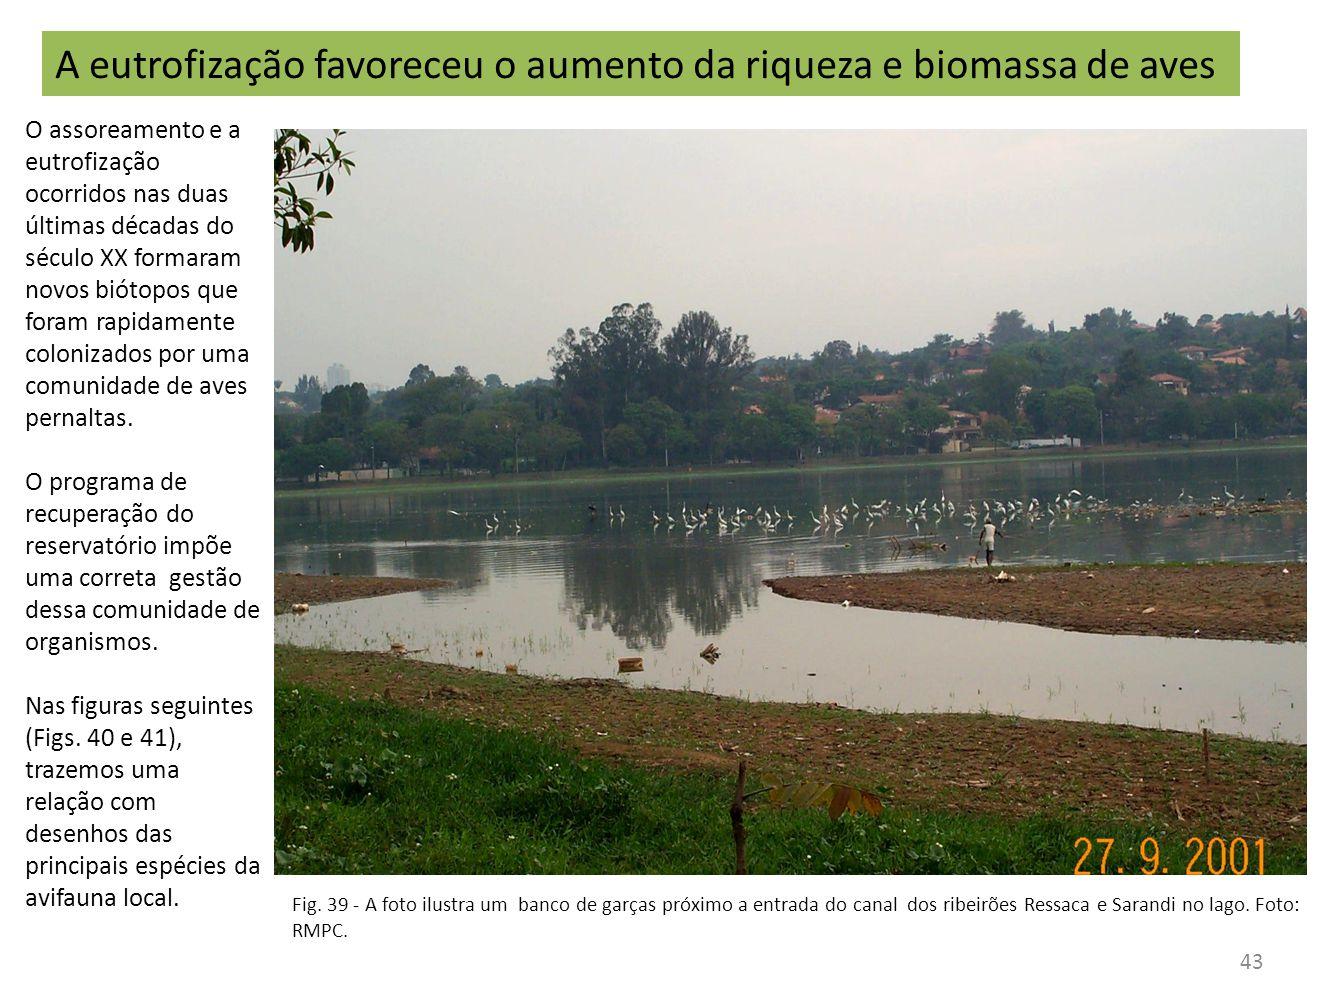 A eutrofização favoreceu o aumento da riqueza e biomassa de aves